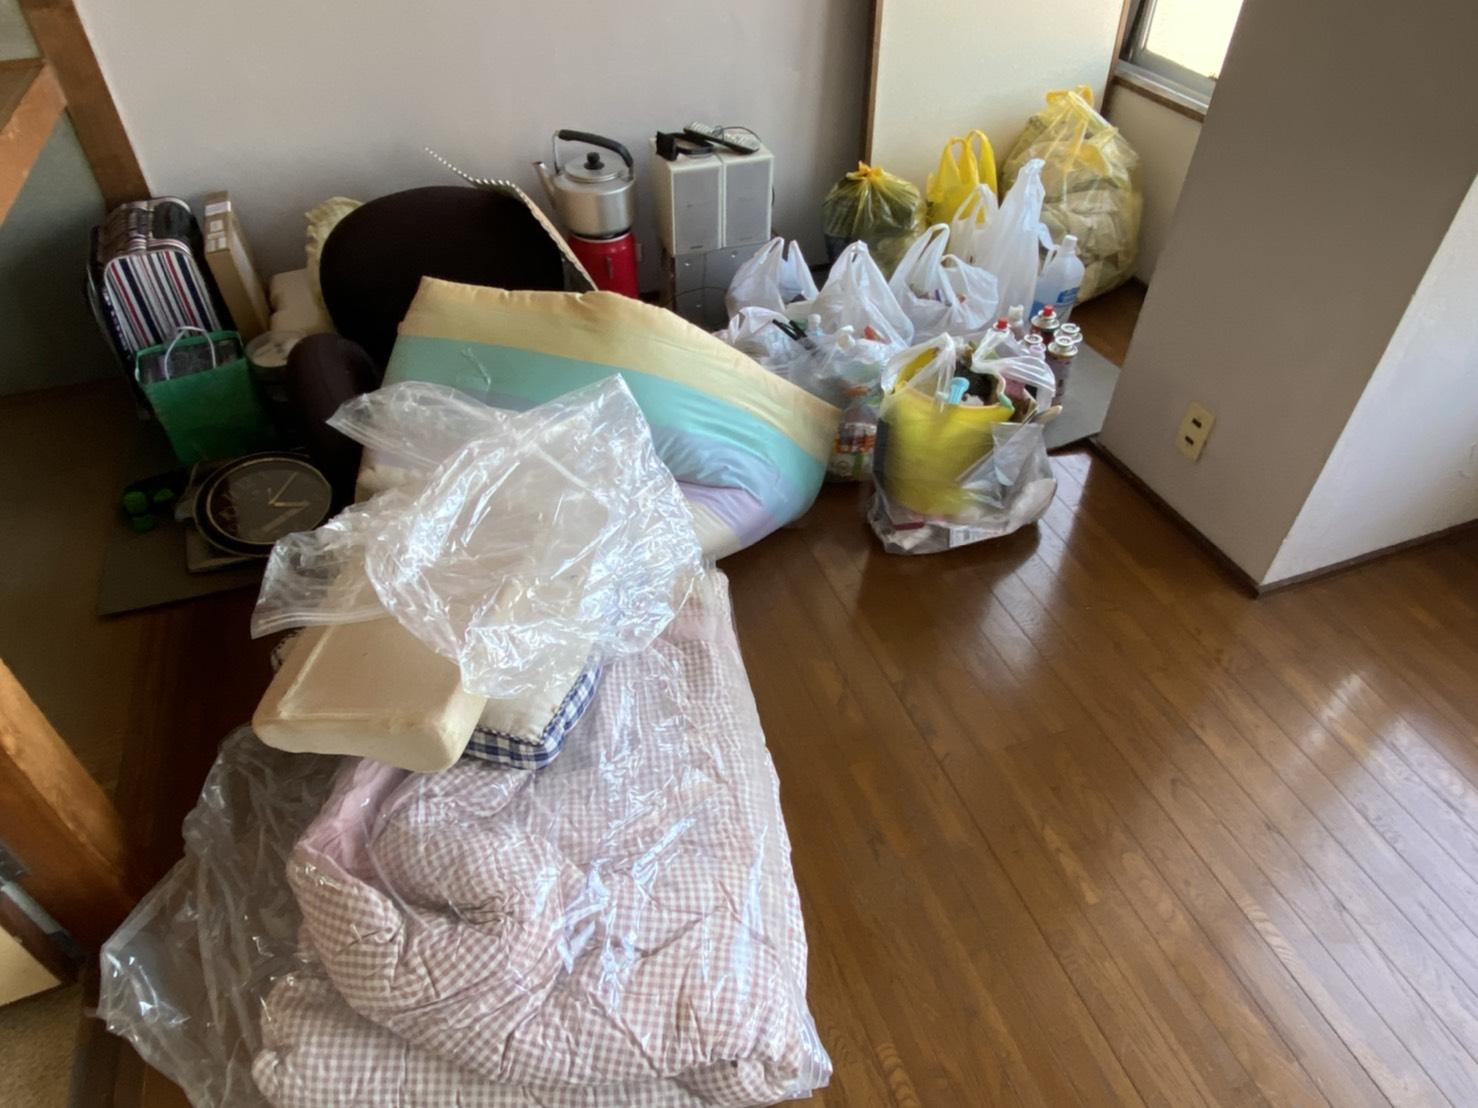 布団、スーツケース、スピーカーの回収前